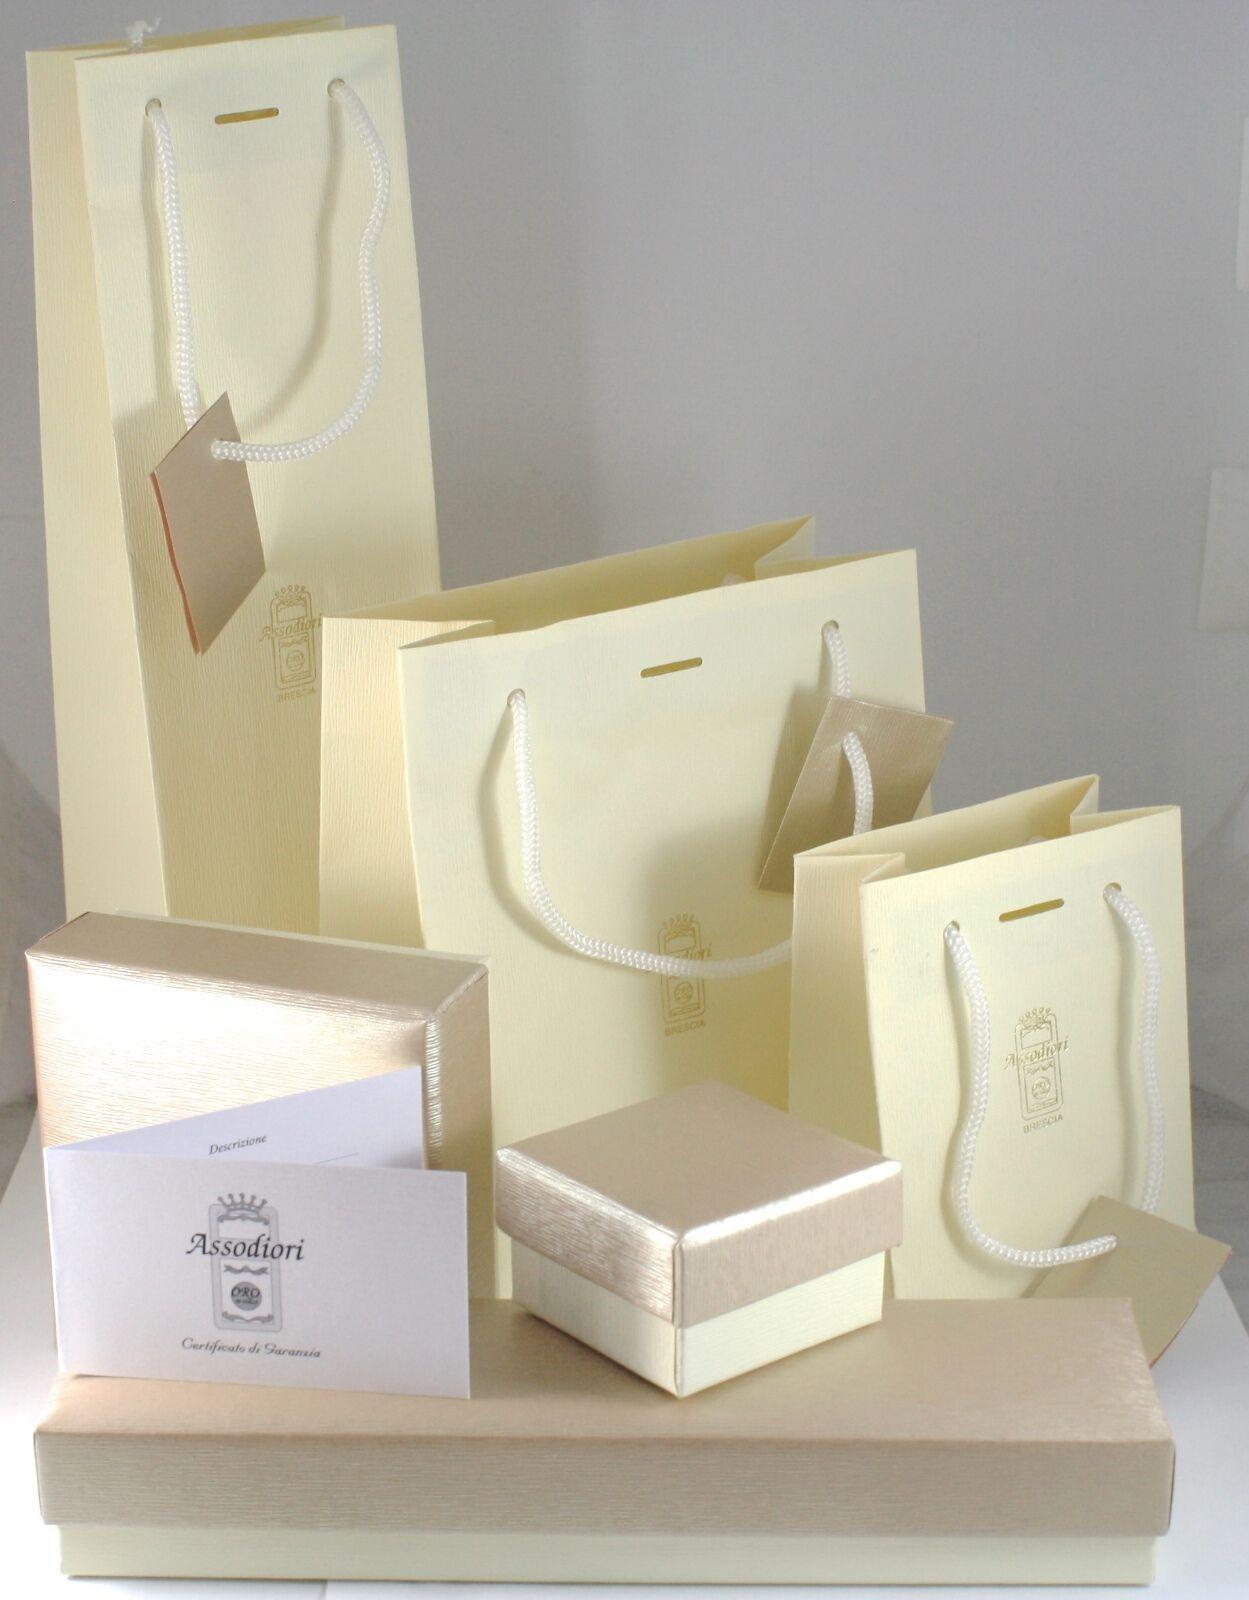 BRACELET WHITE GOLD 750 18K, WHITE PEARLS DIAMETER 8-9 MM, CHAIN VENETIAN